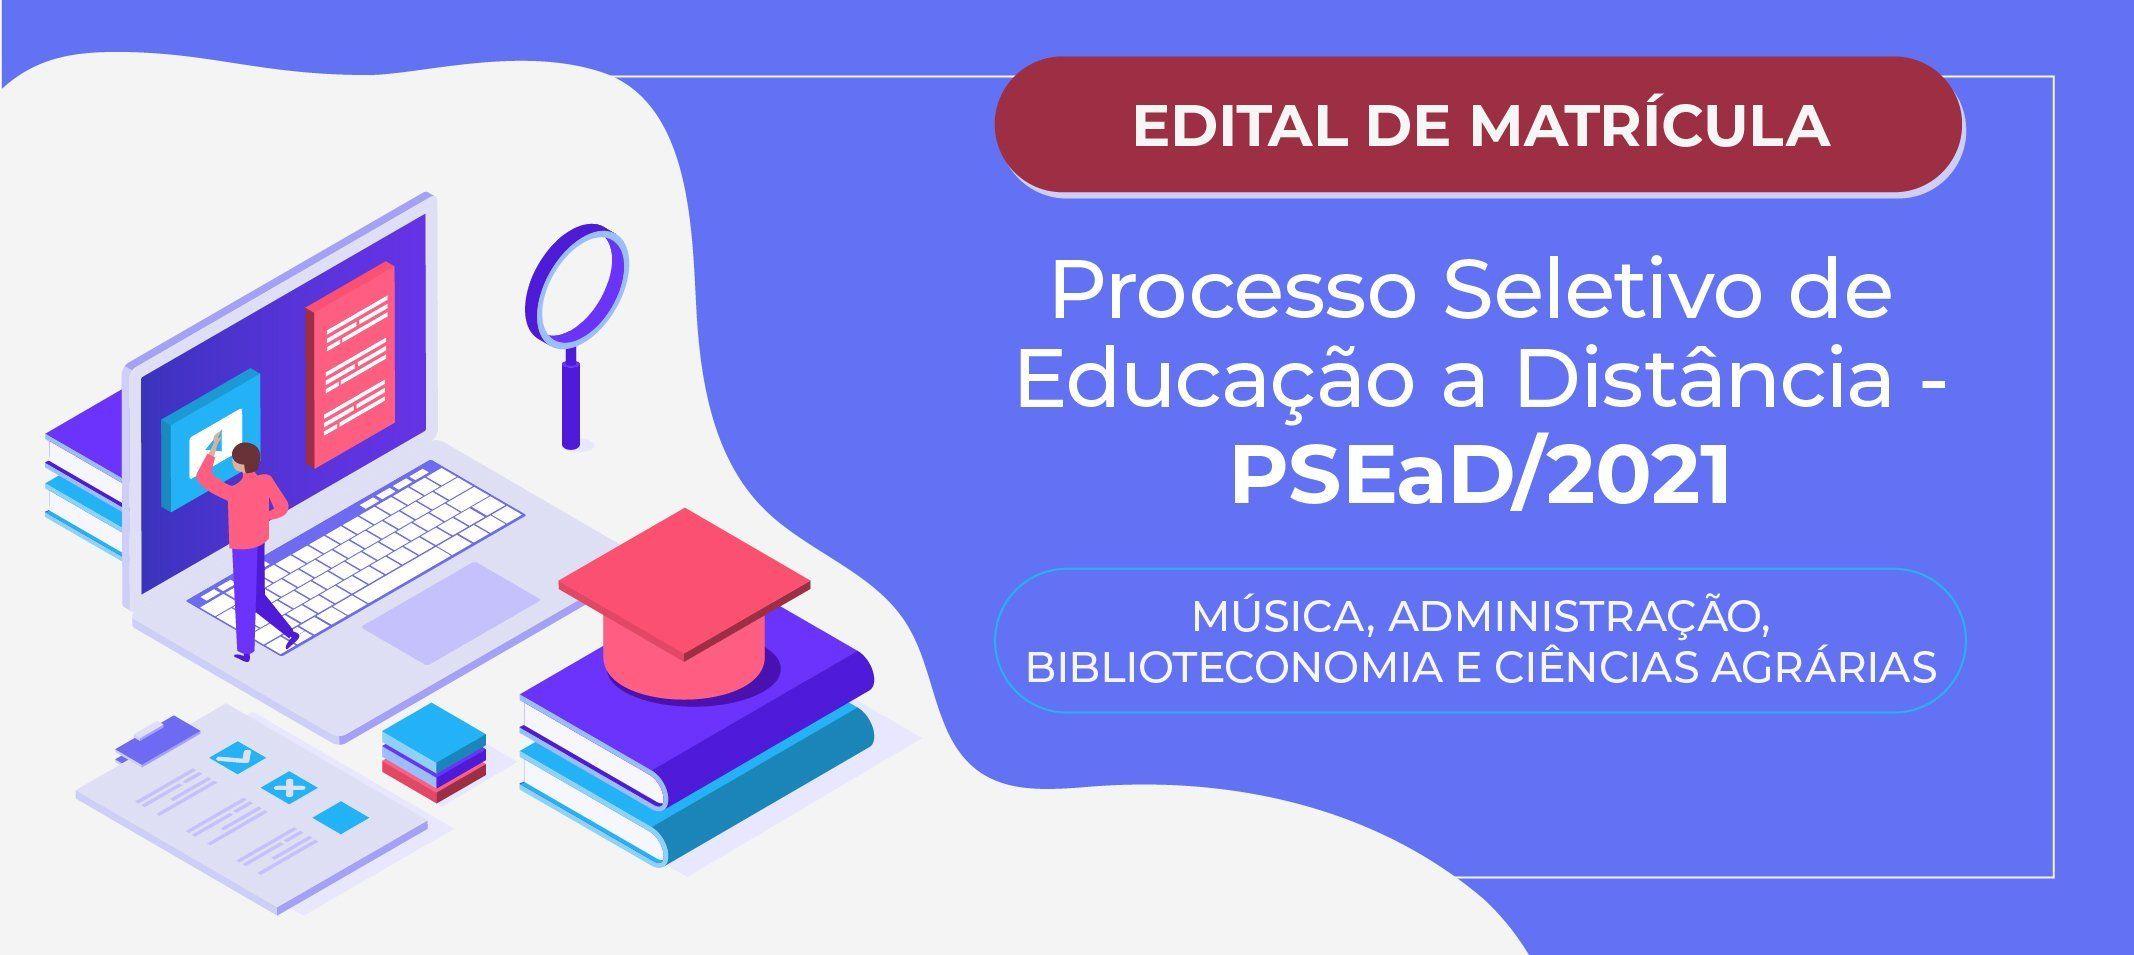 Proeg divulga Edital de Matrícula do Processo Seletivo de Educação à Distância (PSEaD 2021)